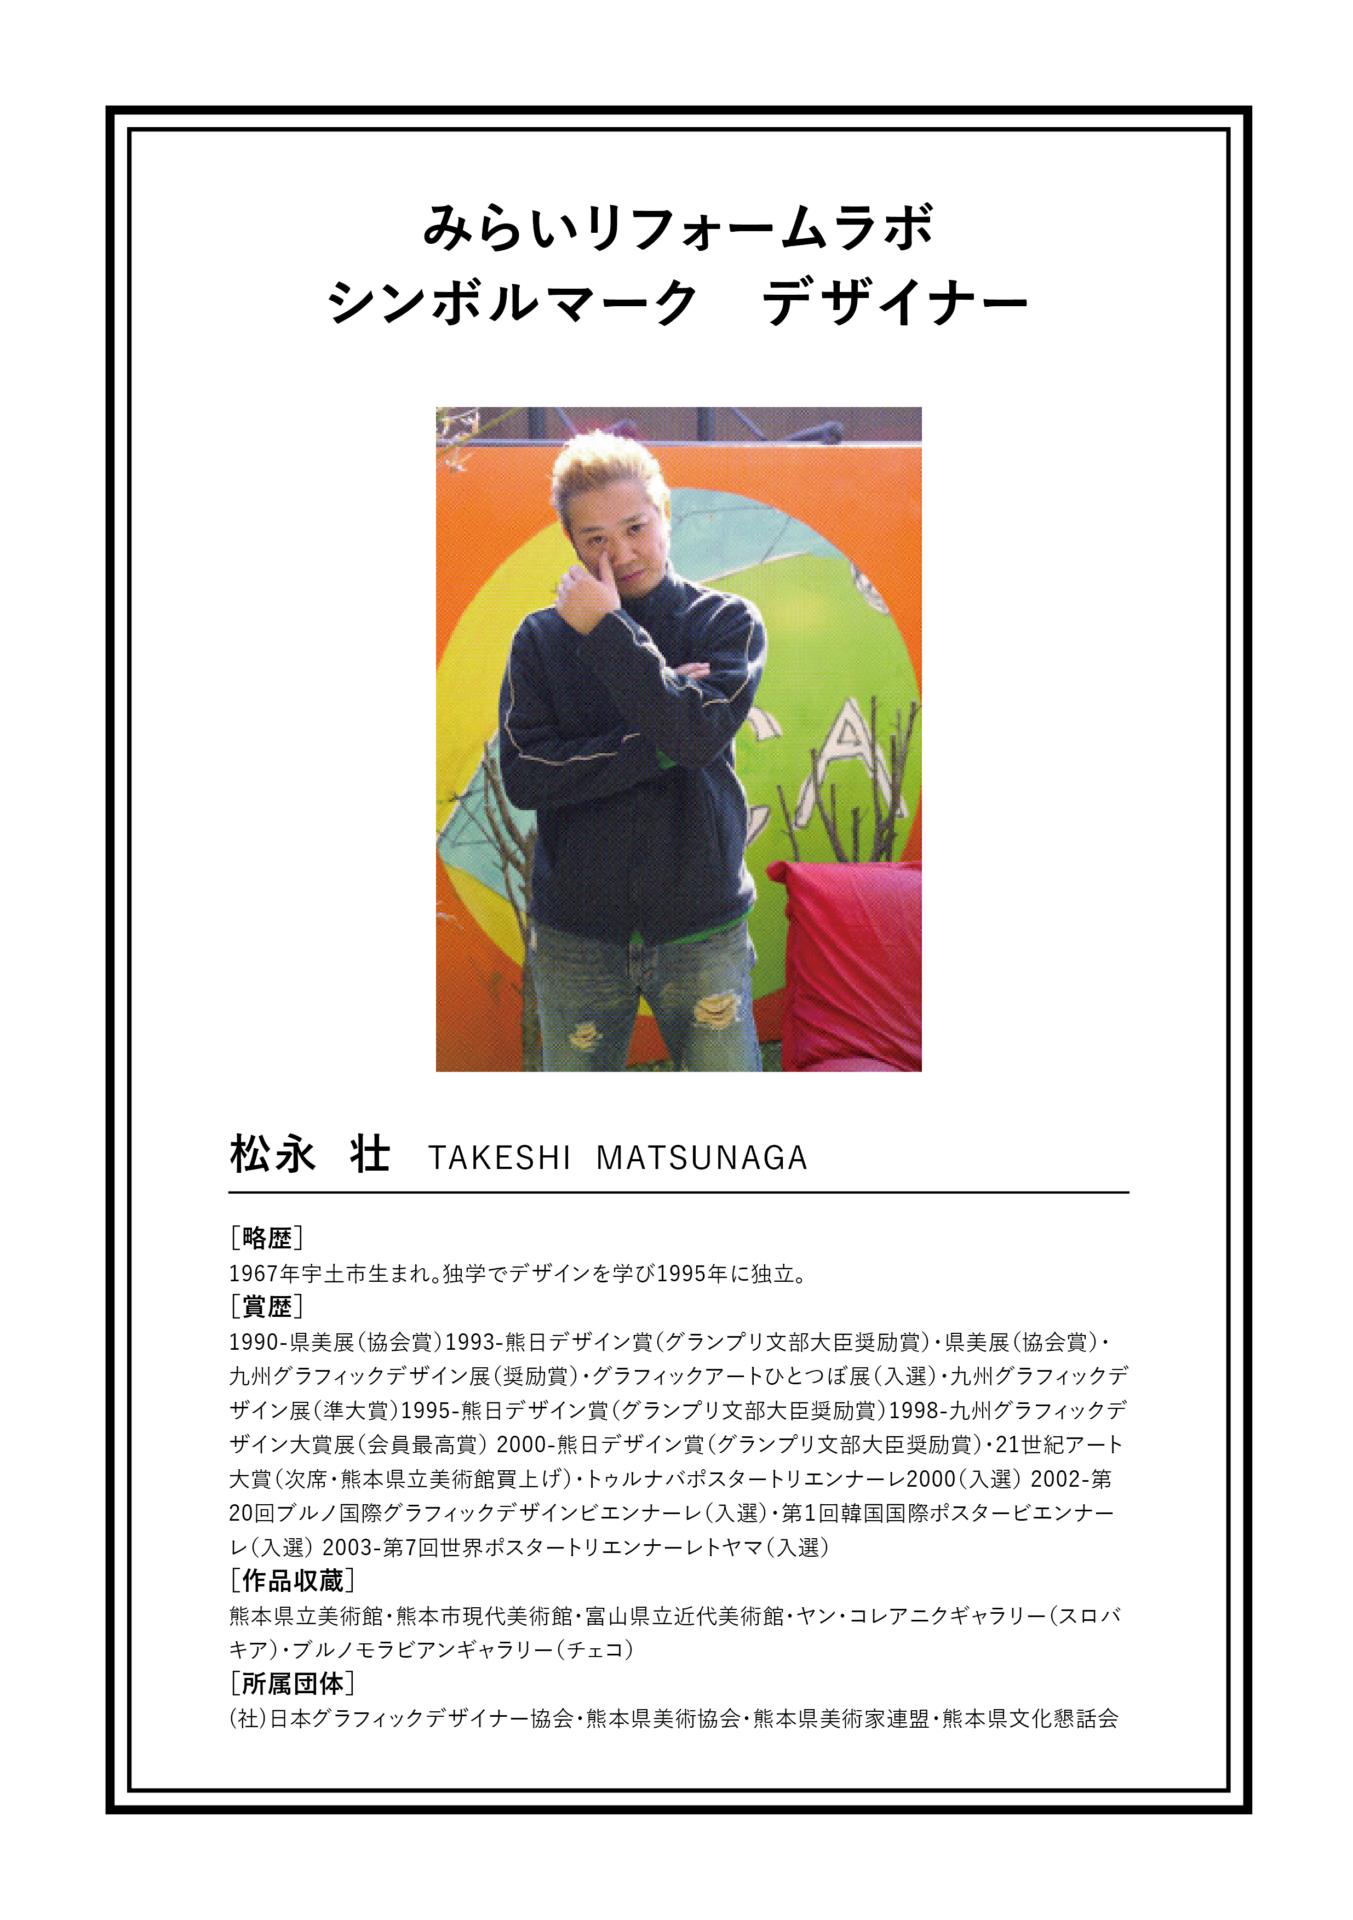 松永 壮(TAKESHI MATSUNAGA)